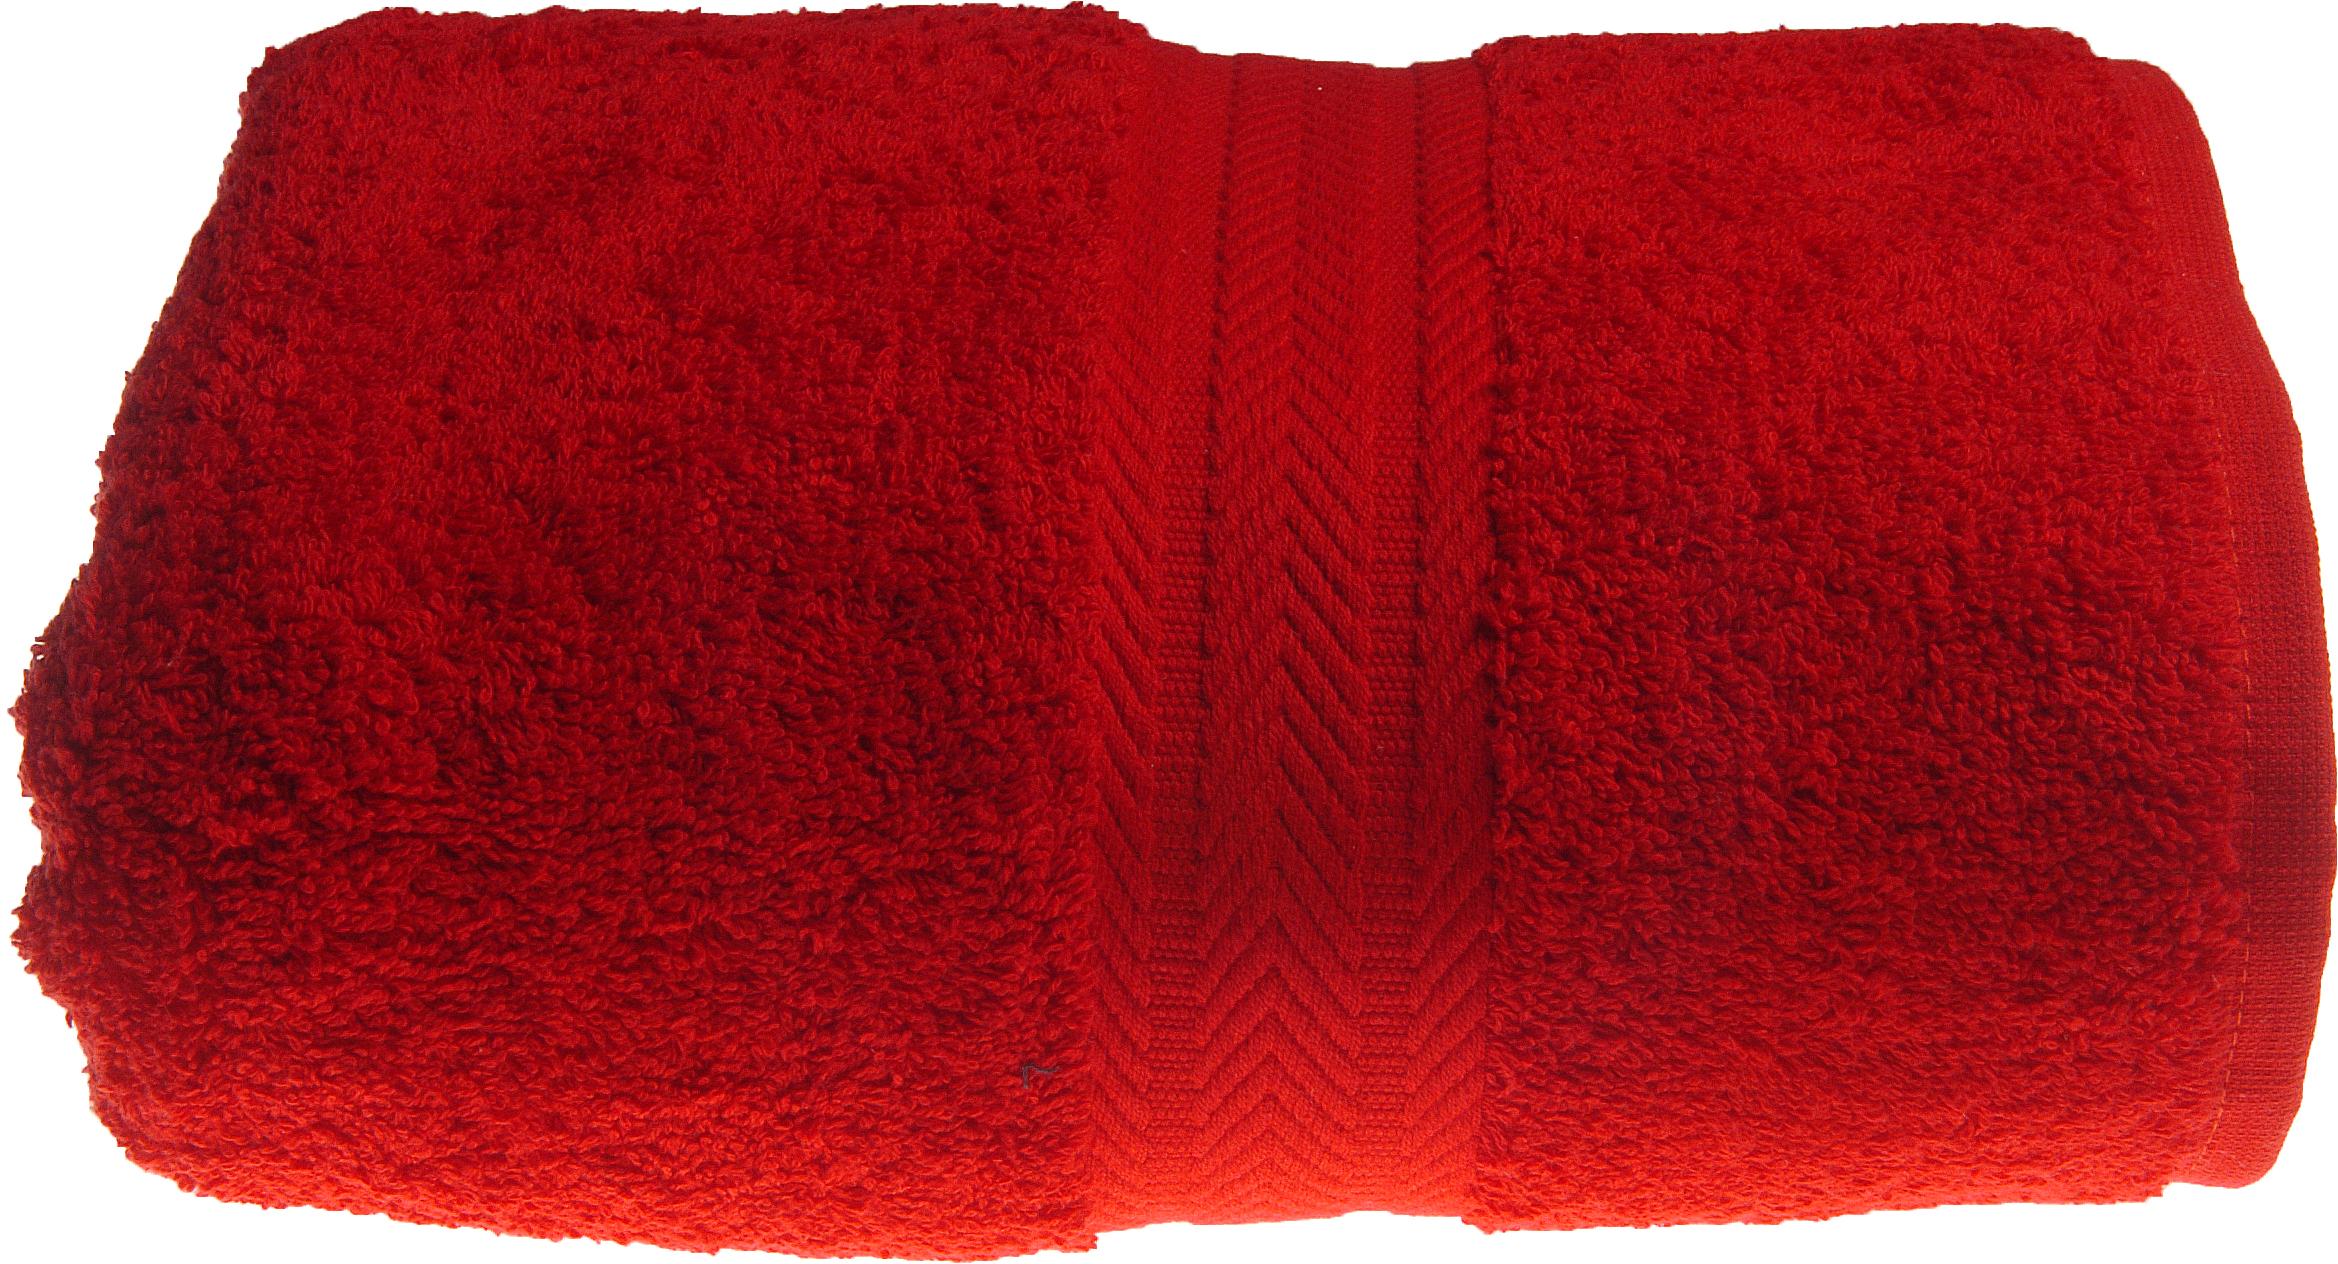 Drap de douche 70 x 140 cm en Coton couleur Rubis (Rubis)